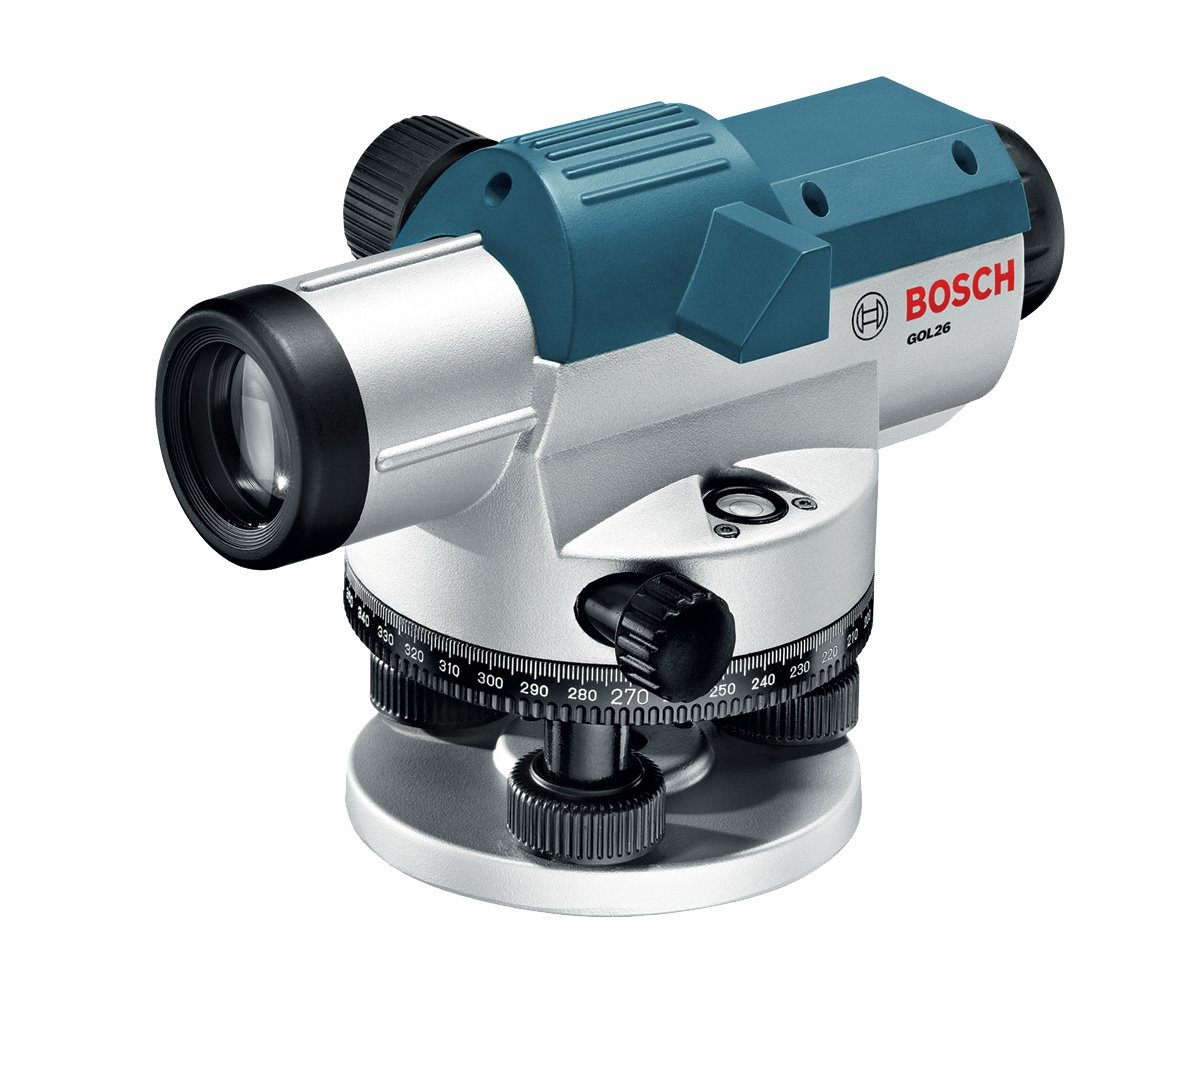 Bosch 26X Automatic Optical Level GOL26